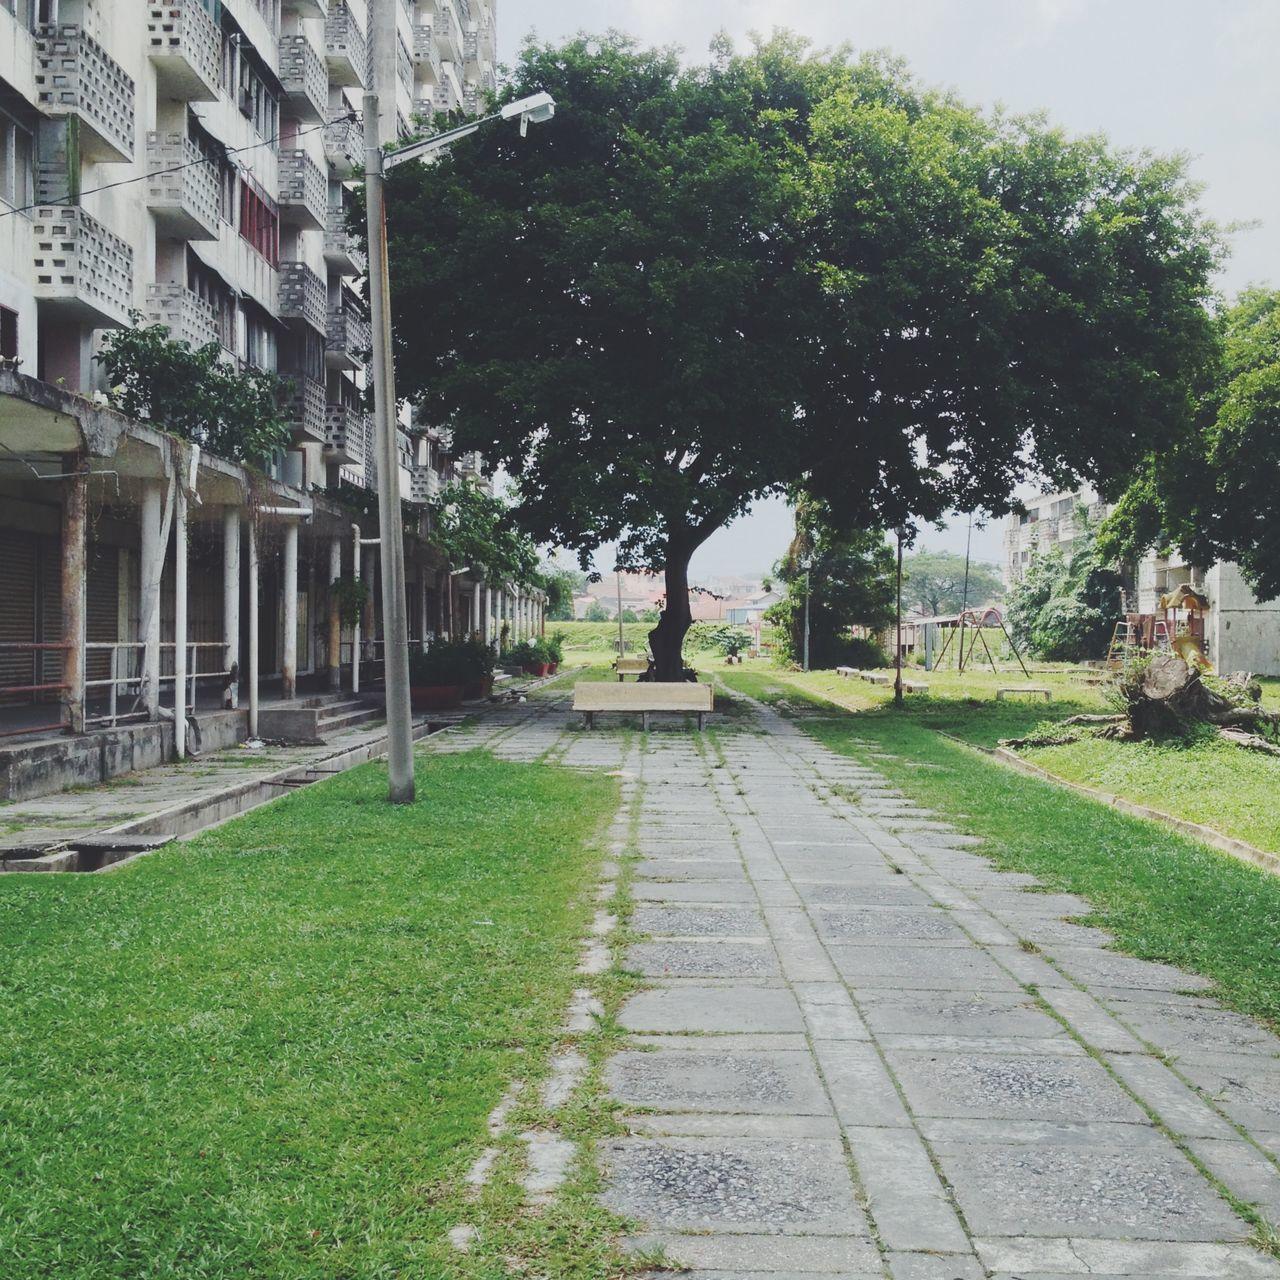 Walkway Street By Building Against Tree